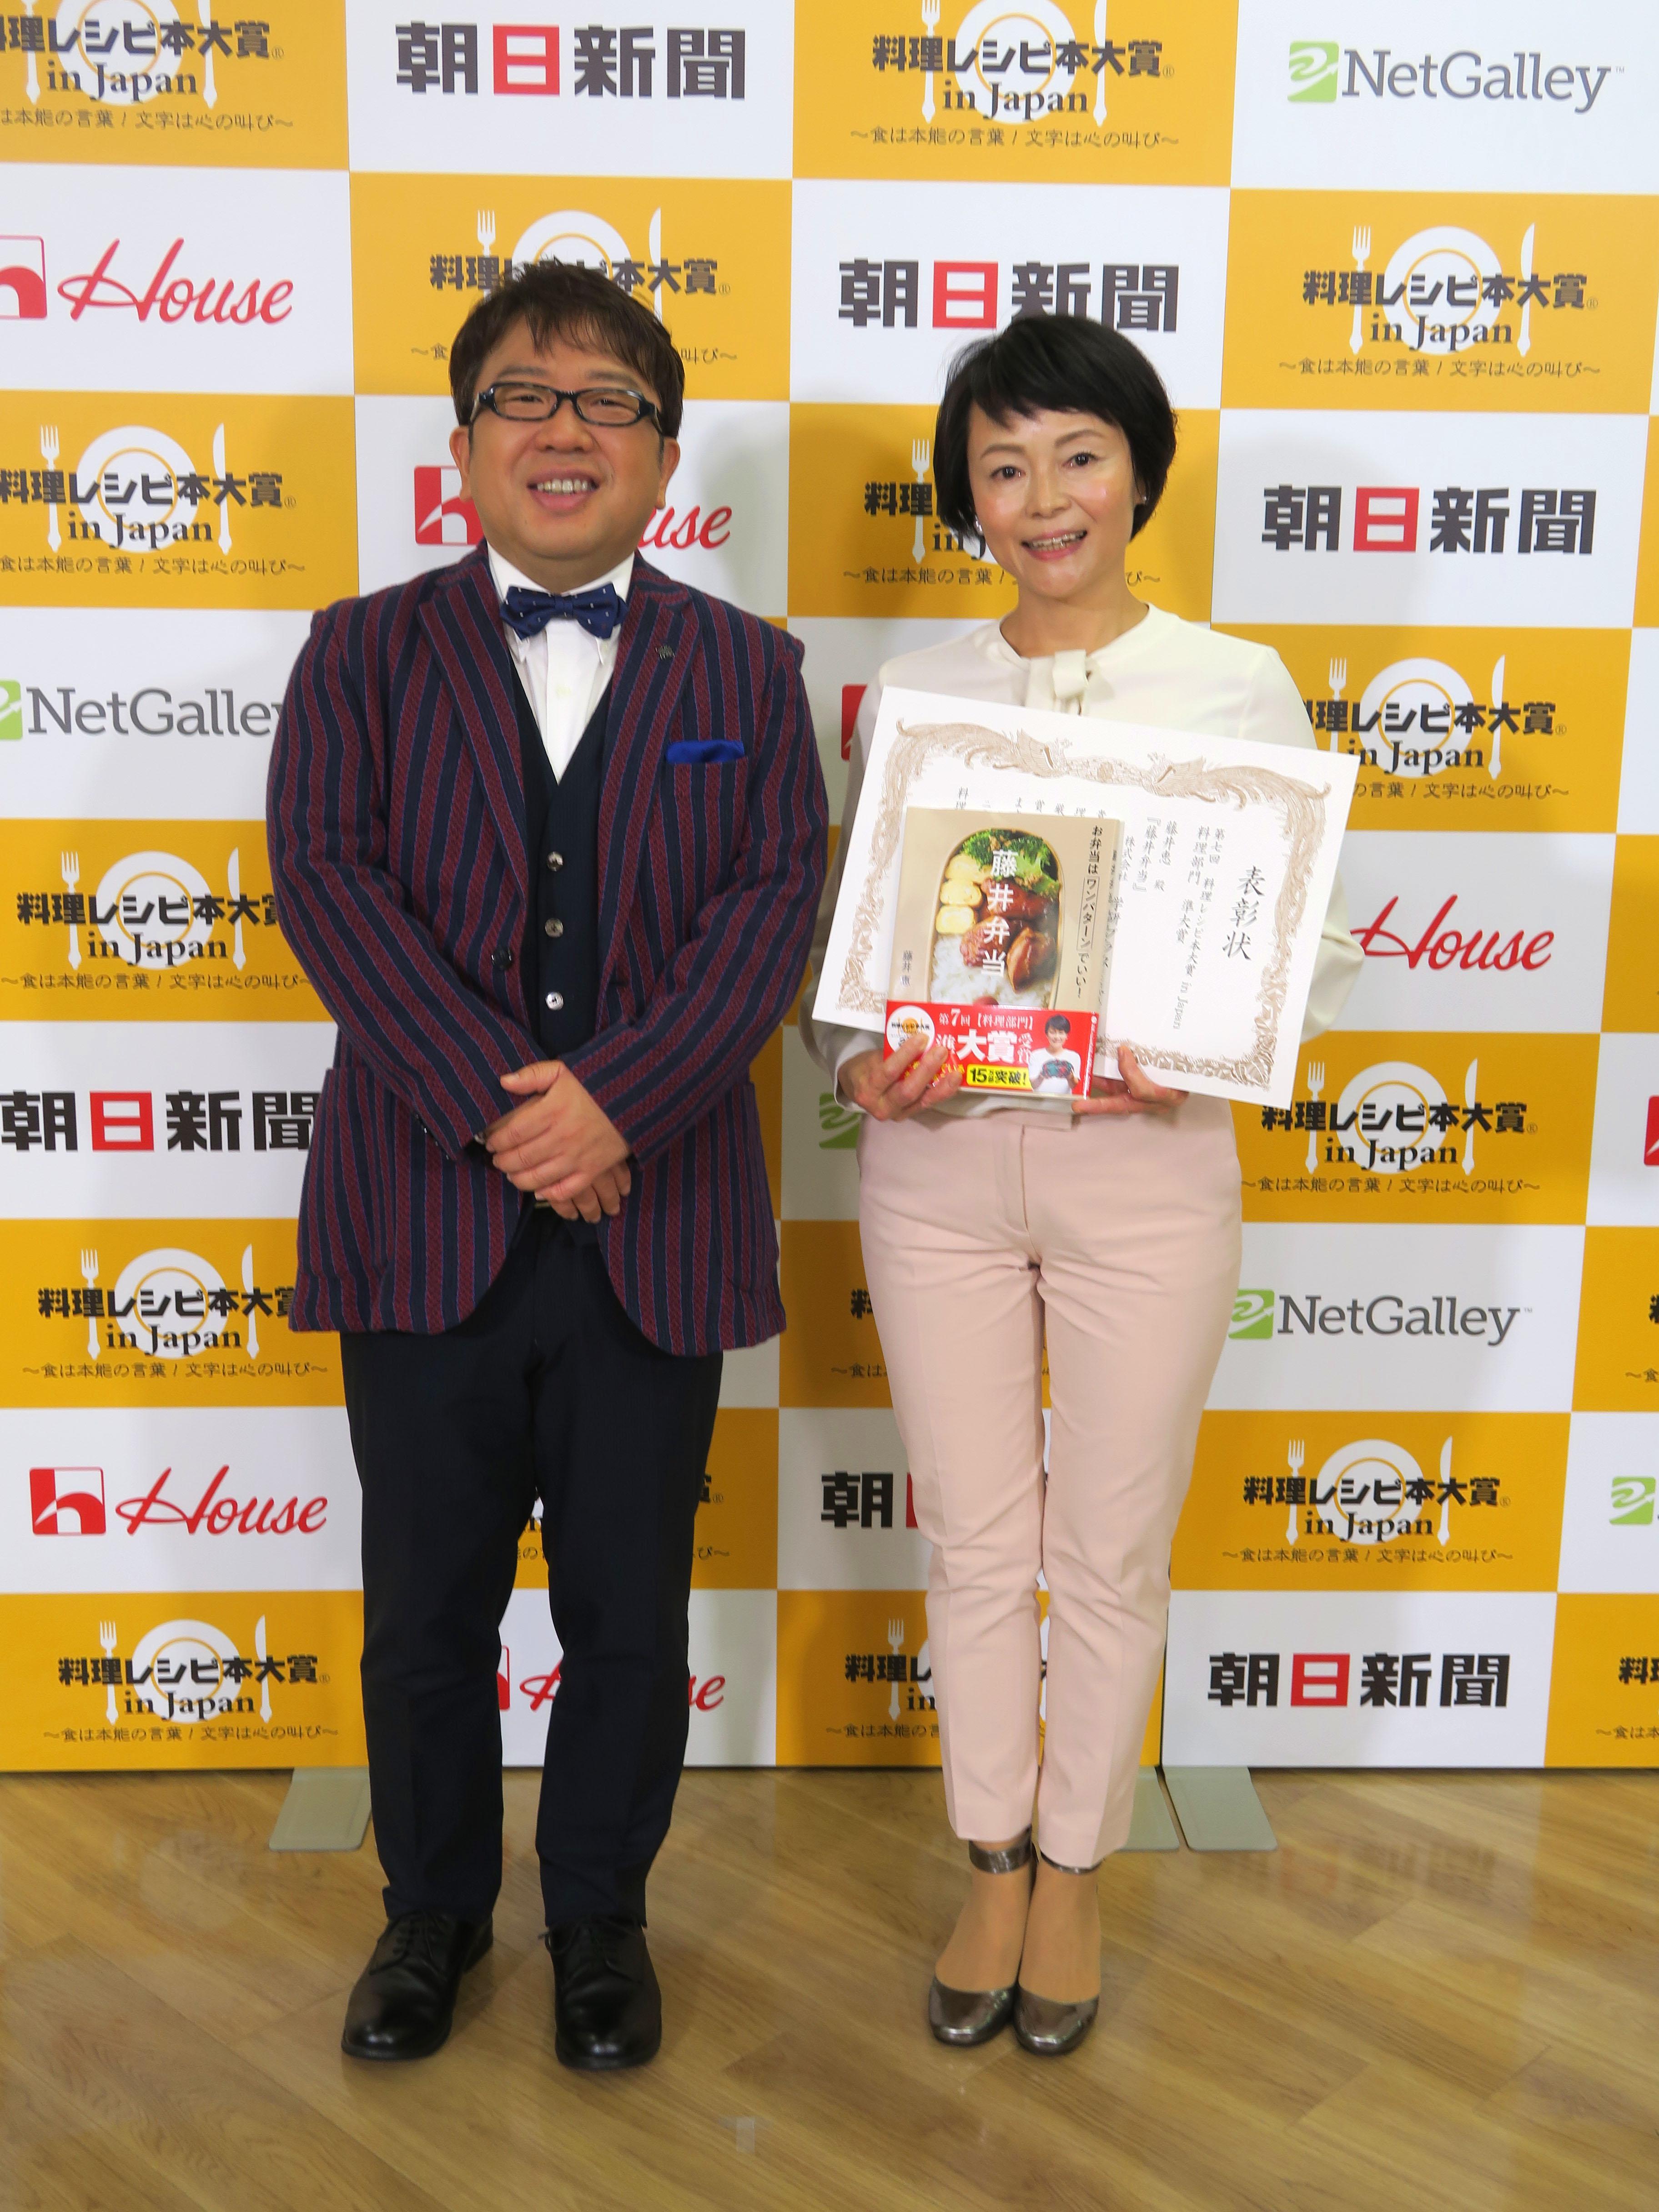 藤井恵さんと天野ひろゆきさん